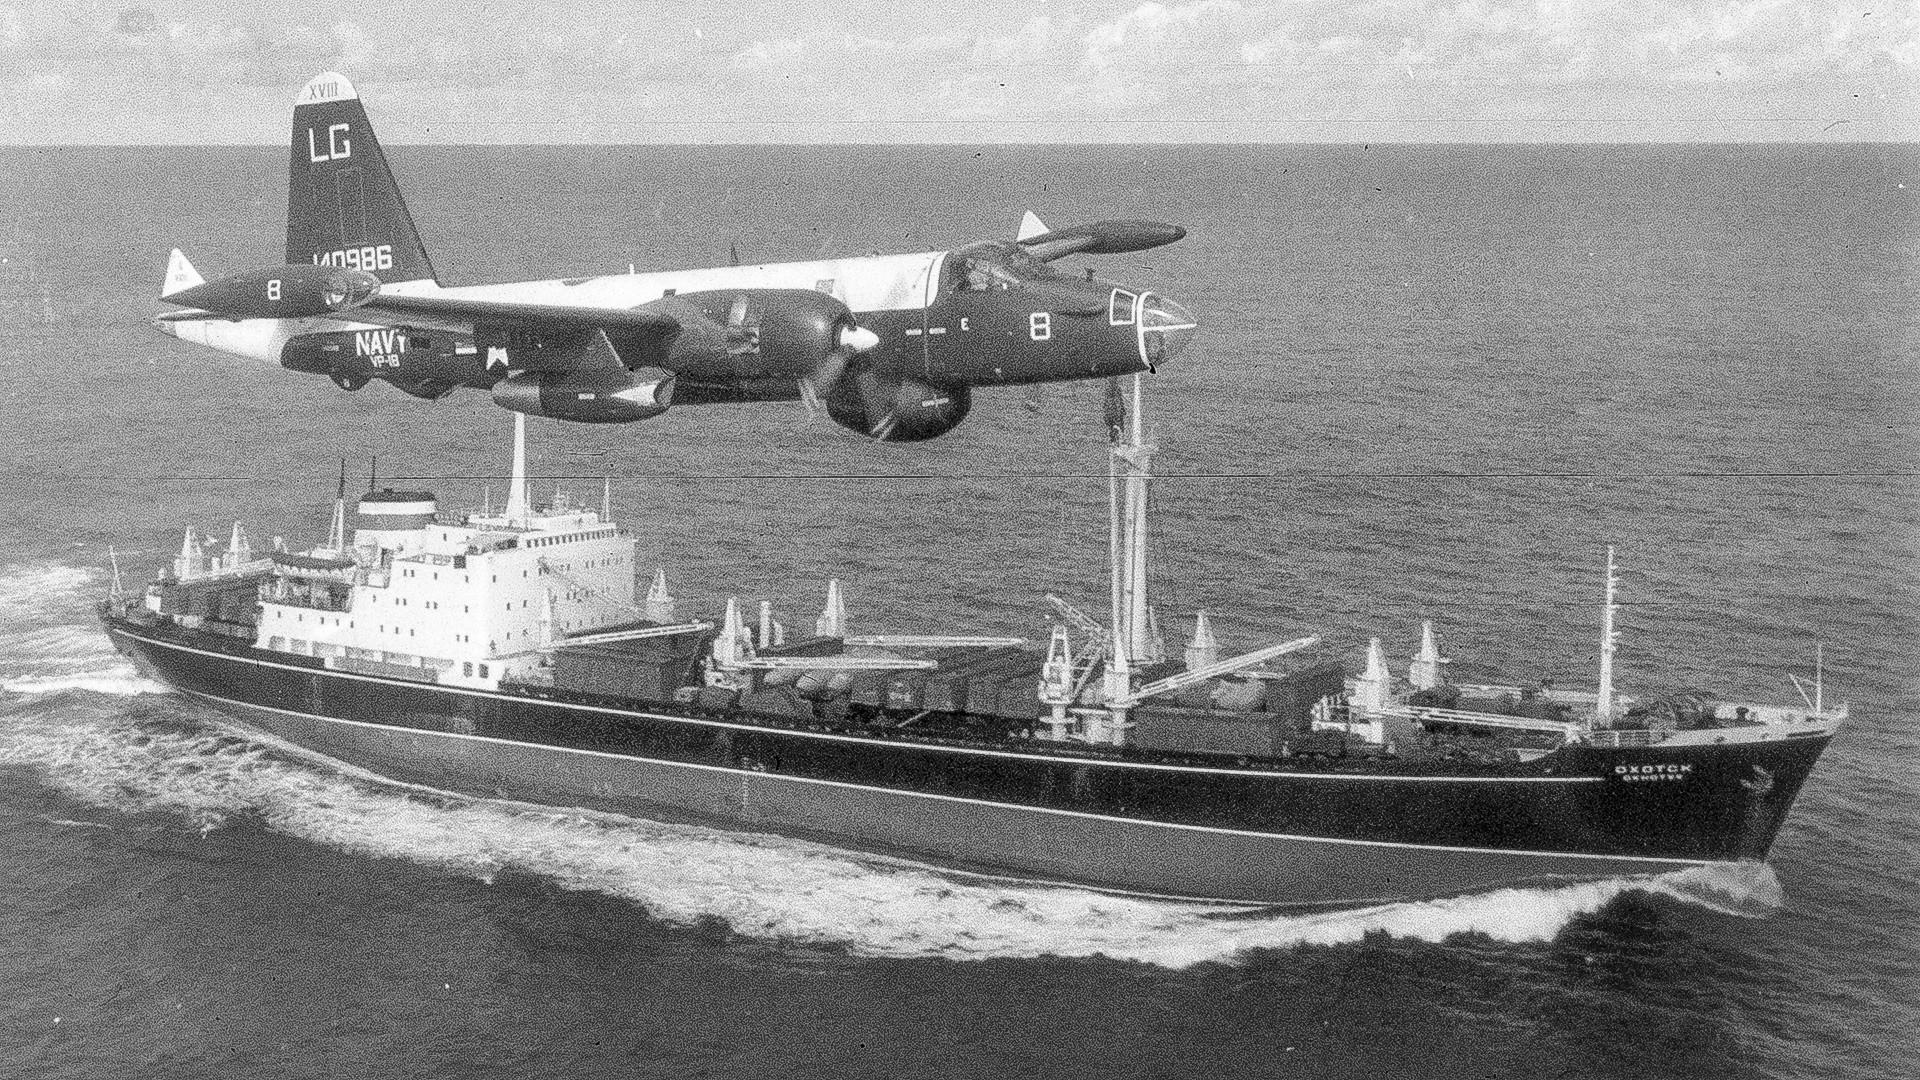 Ameriško patruljno letalo P2V Neptune preletava sovjetsko tovorno ladjo v času kubanske raketne krize, 1962.